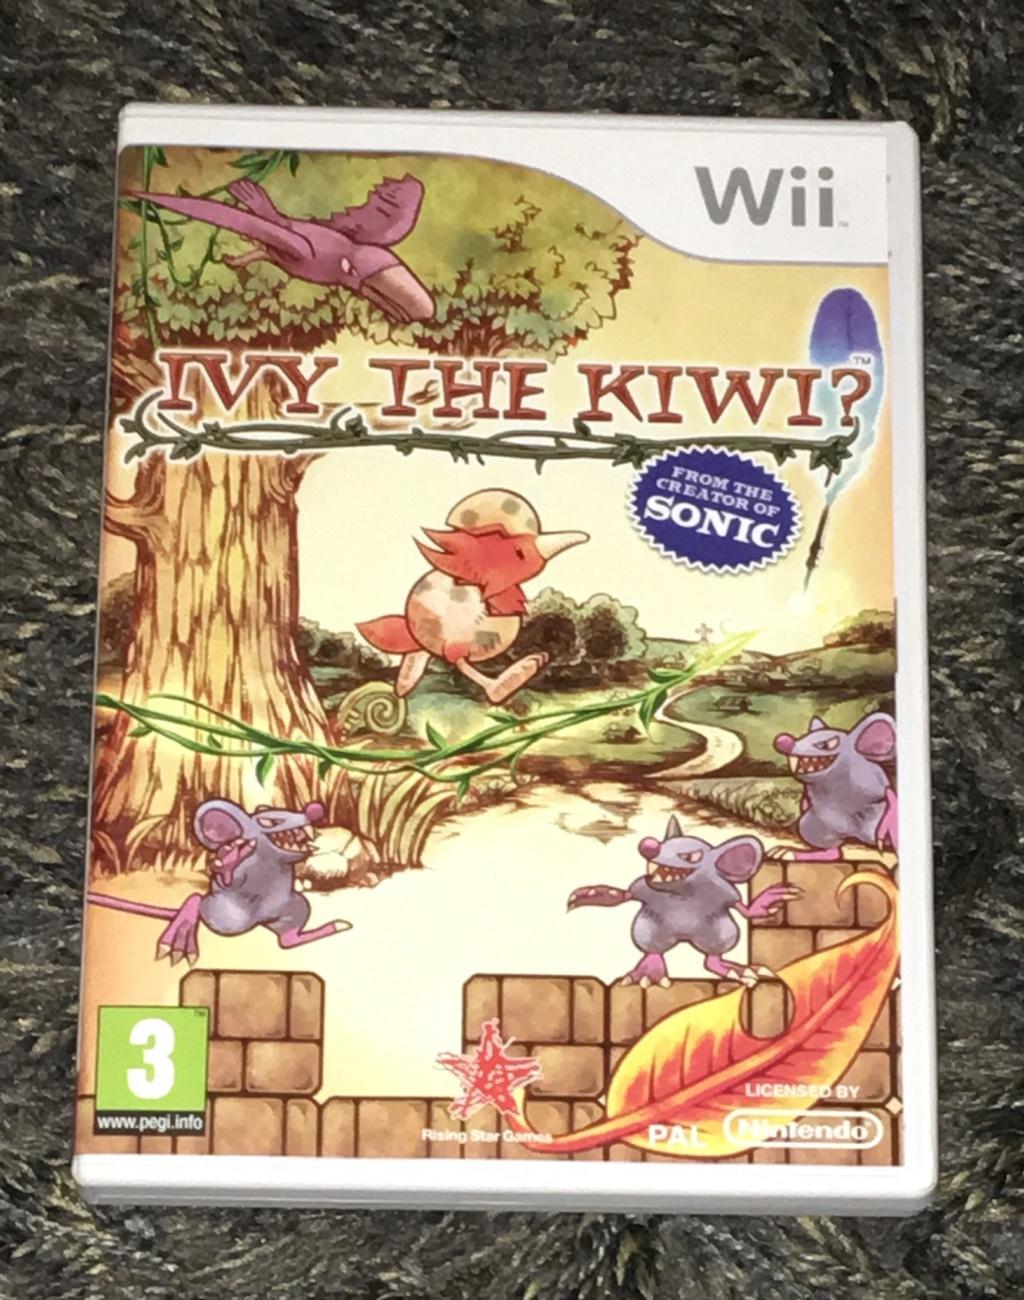 """Les """"indispensables"""" de la Wii - Page 3 91ff5b10"""